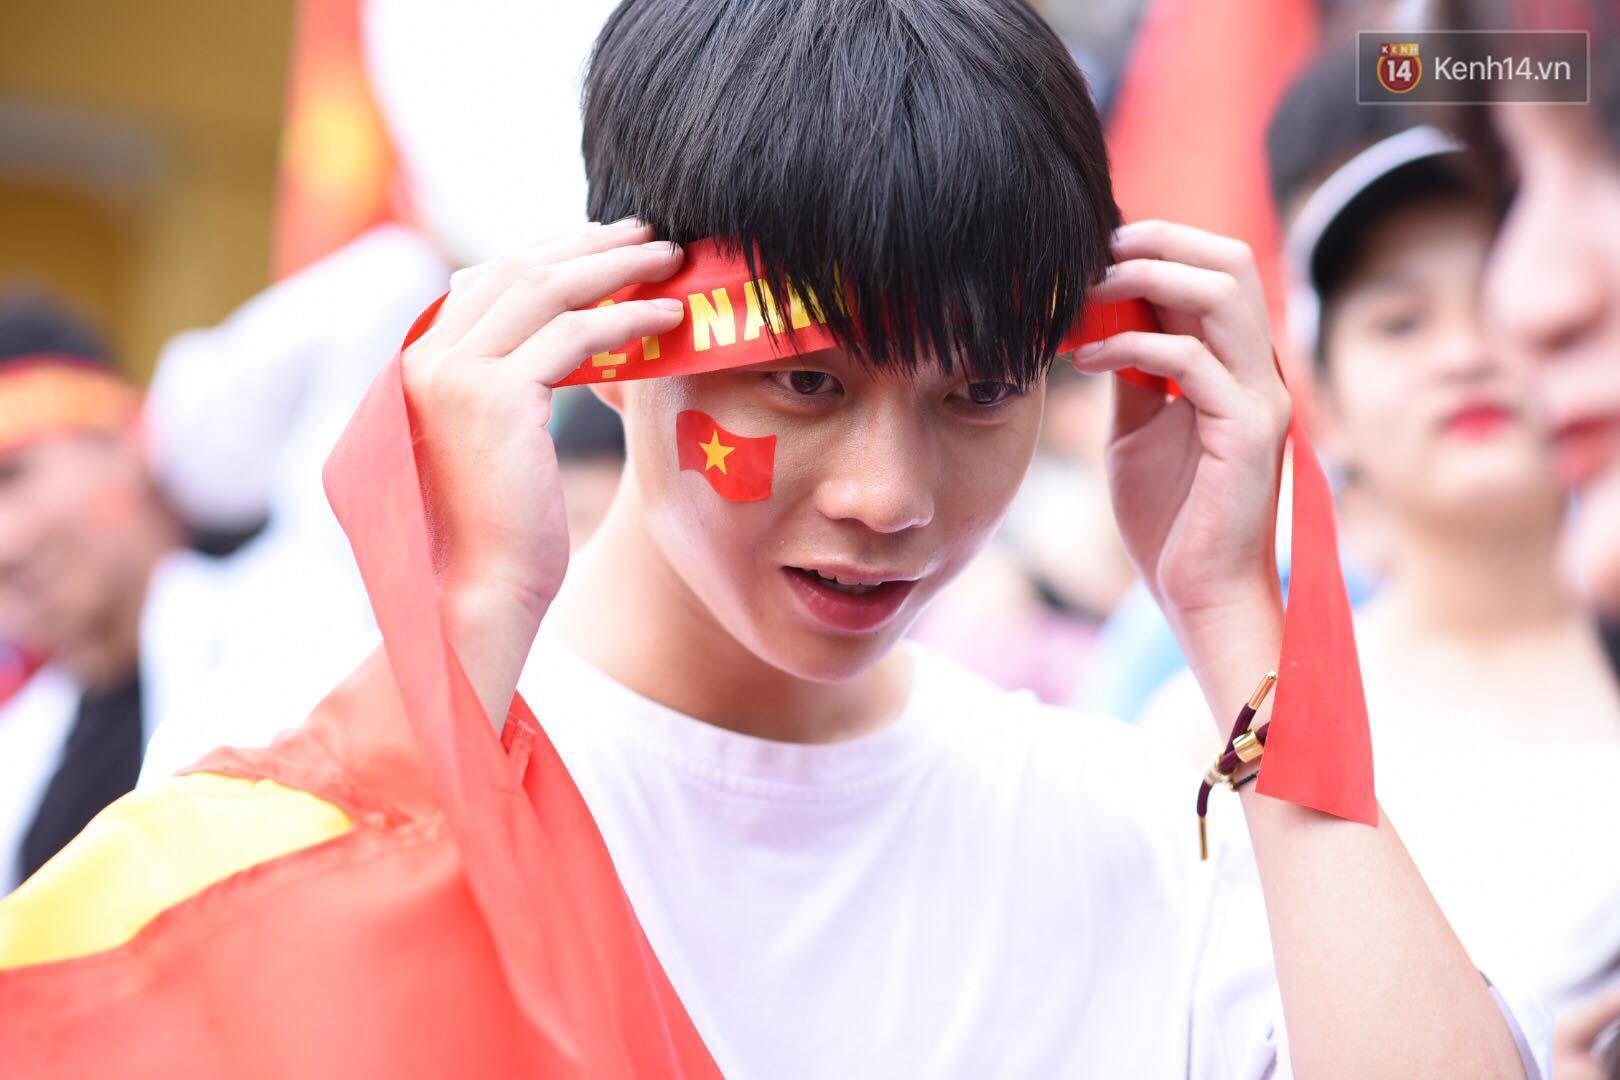 Hot boy trường Y gây chú ý khi xuất hiện trên khán đài cổ vũ Olympic Việt Nam cùng một cô gái lạ - Ảnh 7.